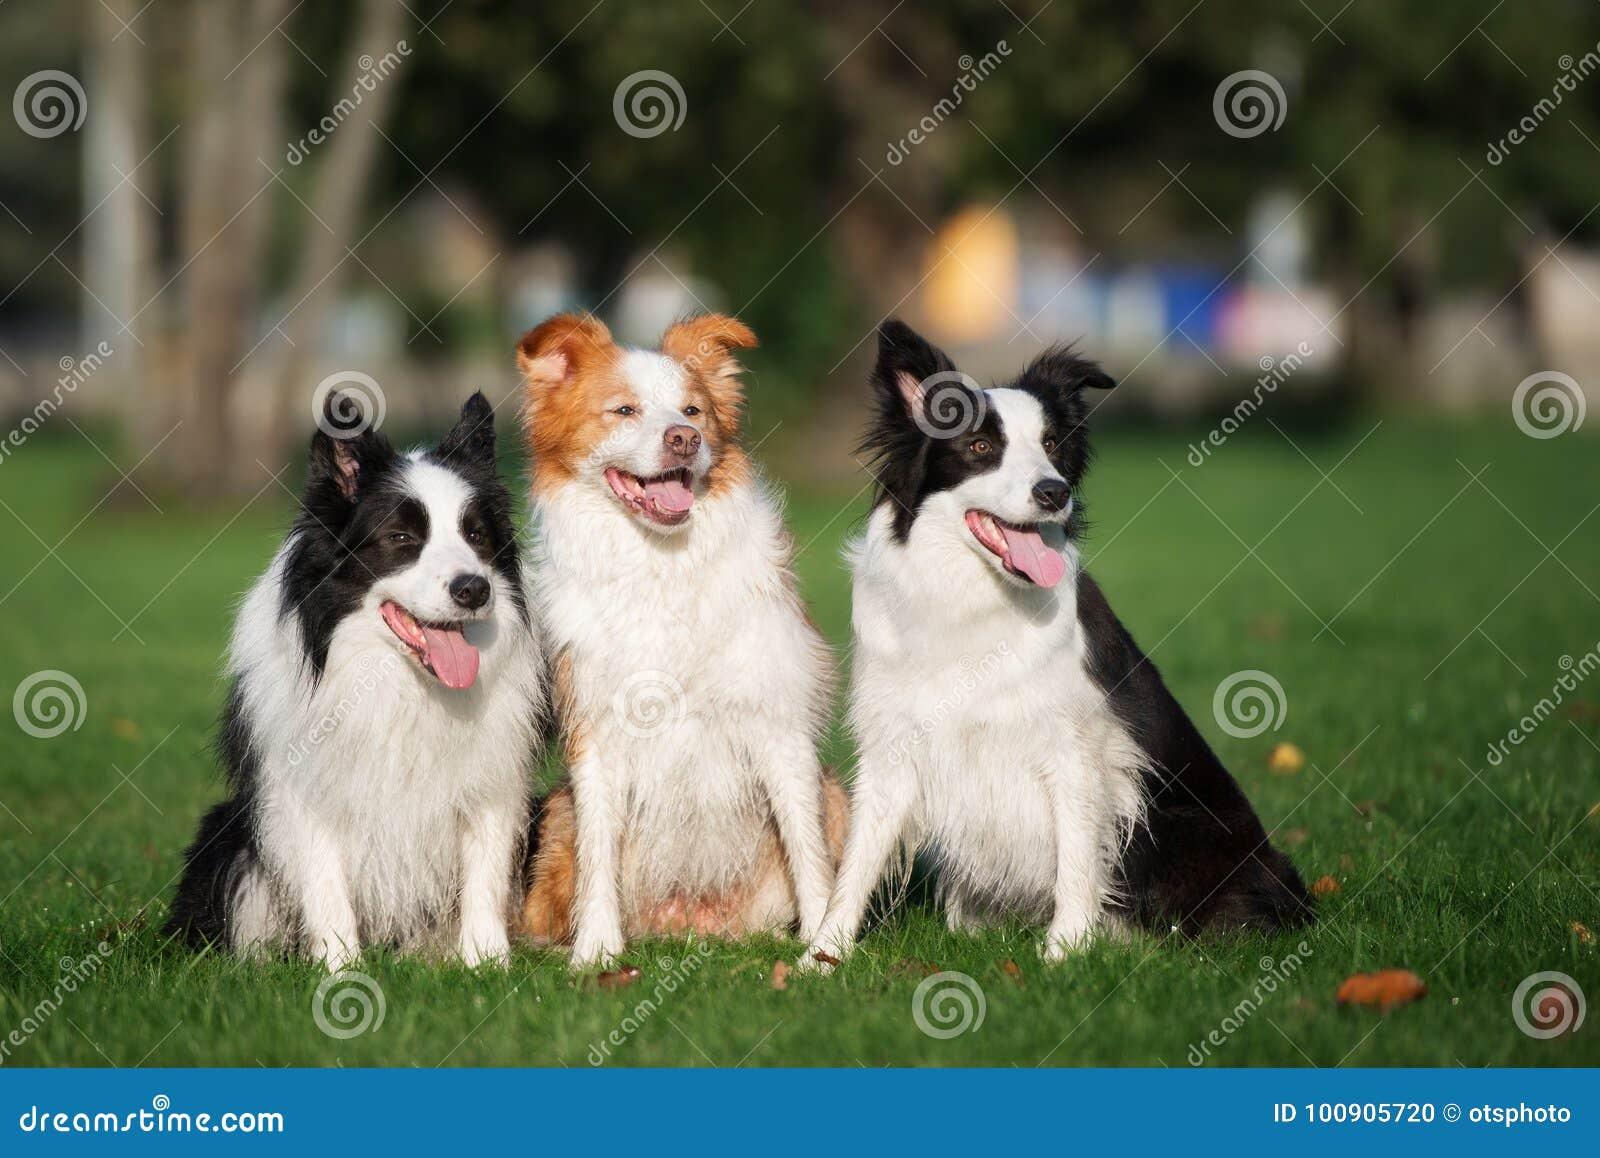 Drei border collie-Hunde, die draußen sitzen